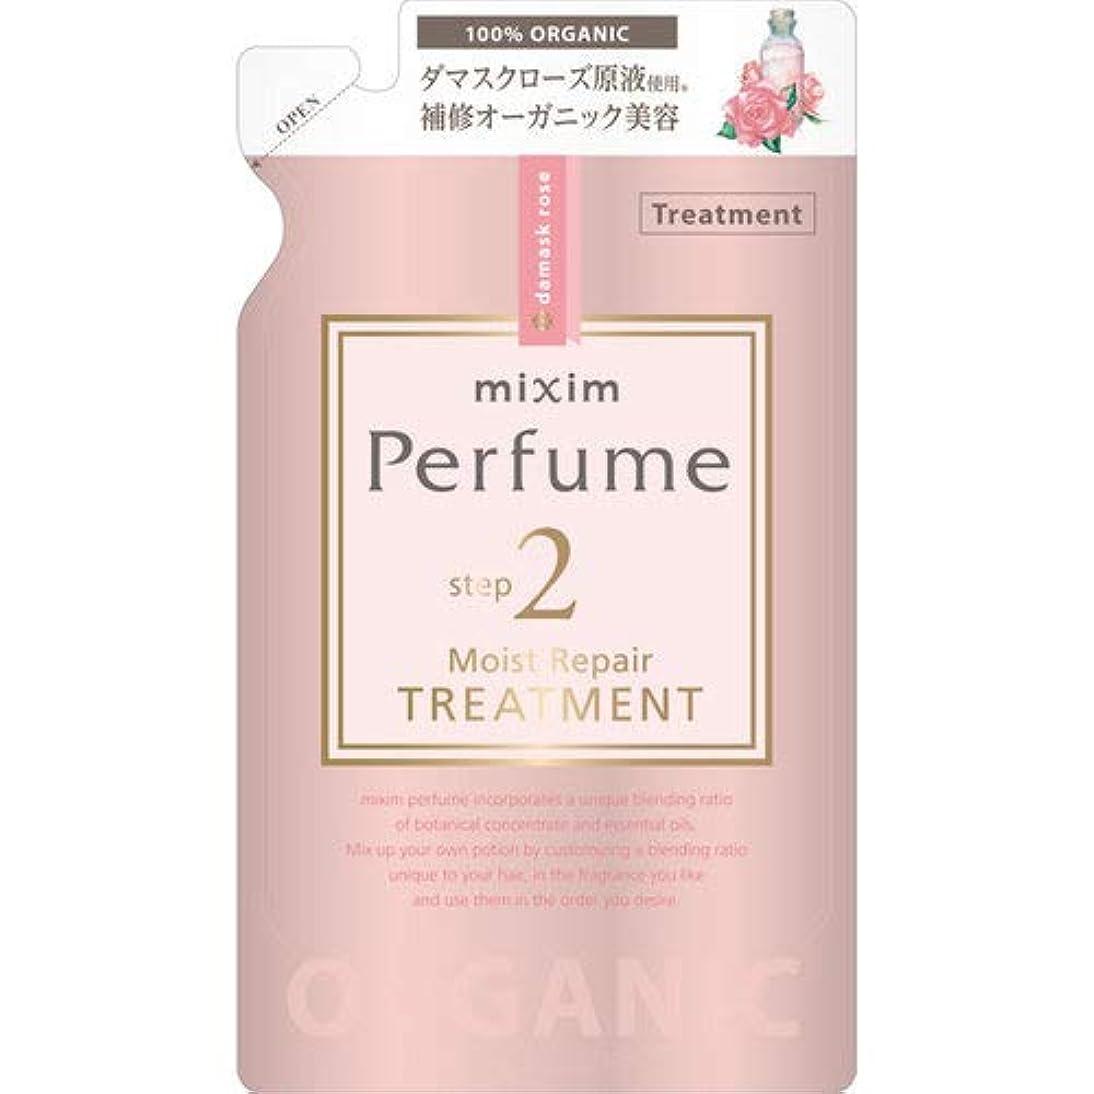 ラベ日記ギャングmixim Perfume(ミクシムパフューム) モイストリペア ヘアトリートメントつめかえ用 350g